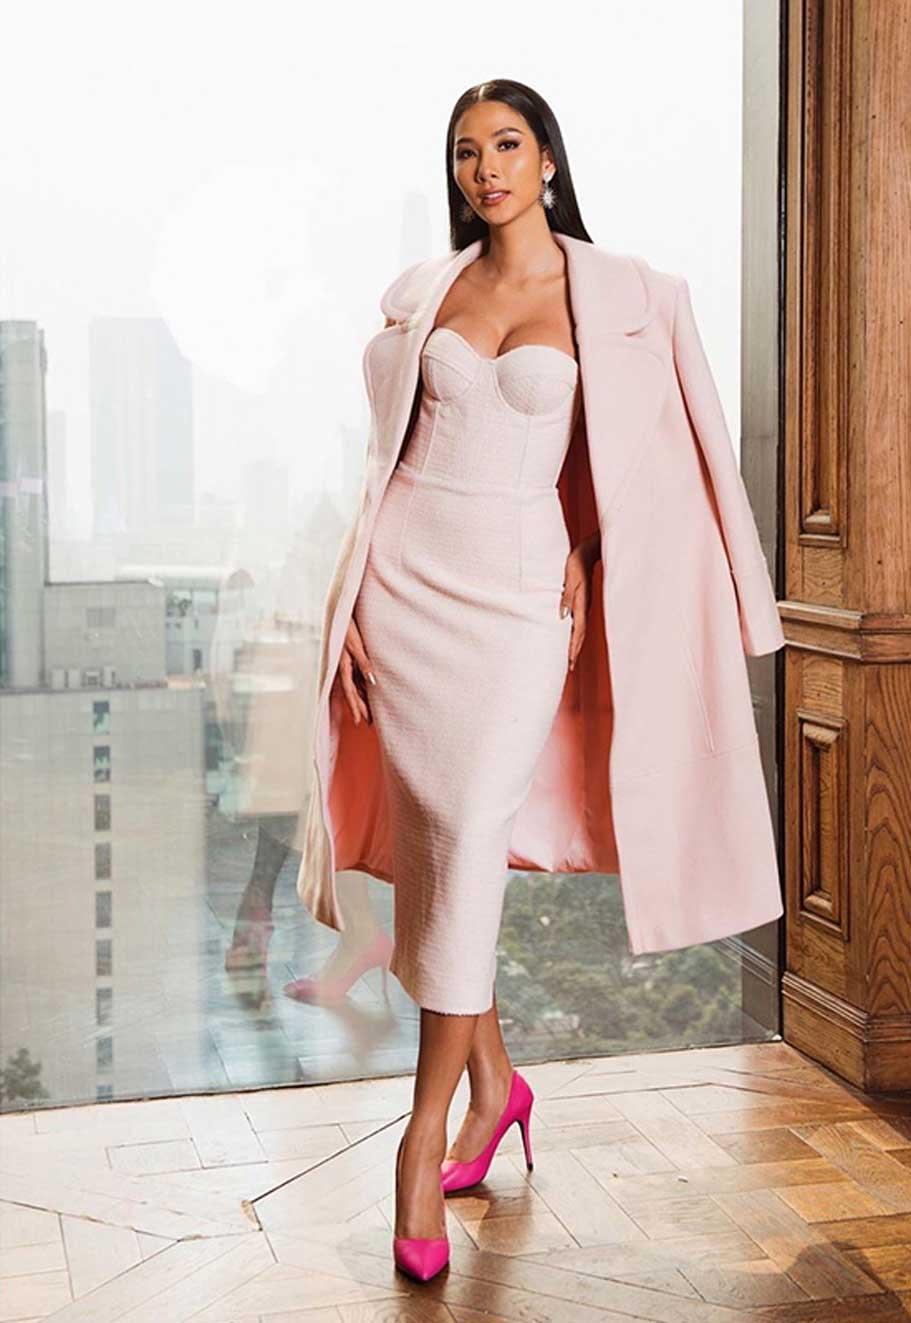 """Màu hồng Pastel làm cho Hoàng Thùy nhẹ nhàng, nữ tính hơn hẳn. Việc thay đổi liên tục hình ảnh khiến người hâm mô và các thí sinh khác không khỏi """"trầm trồ"""""""